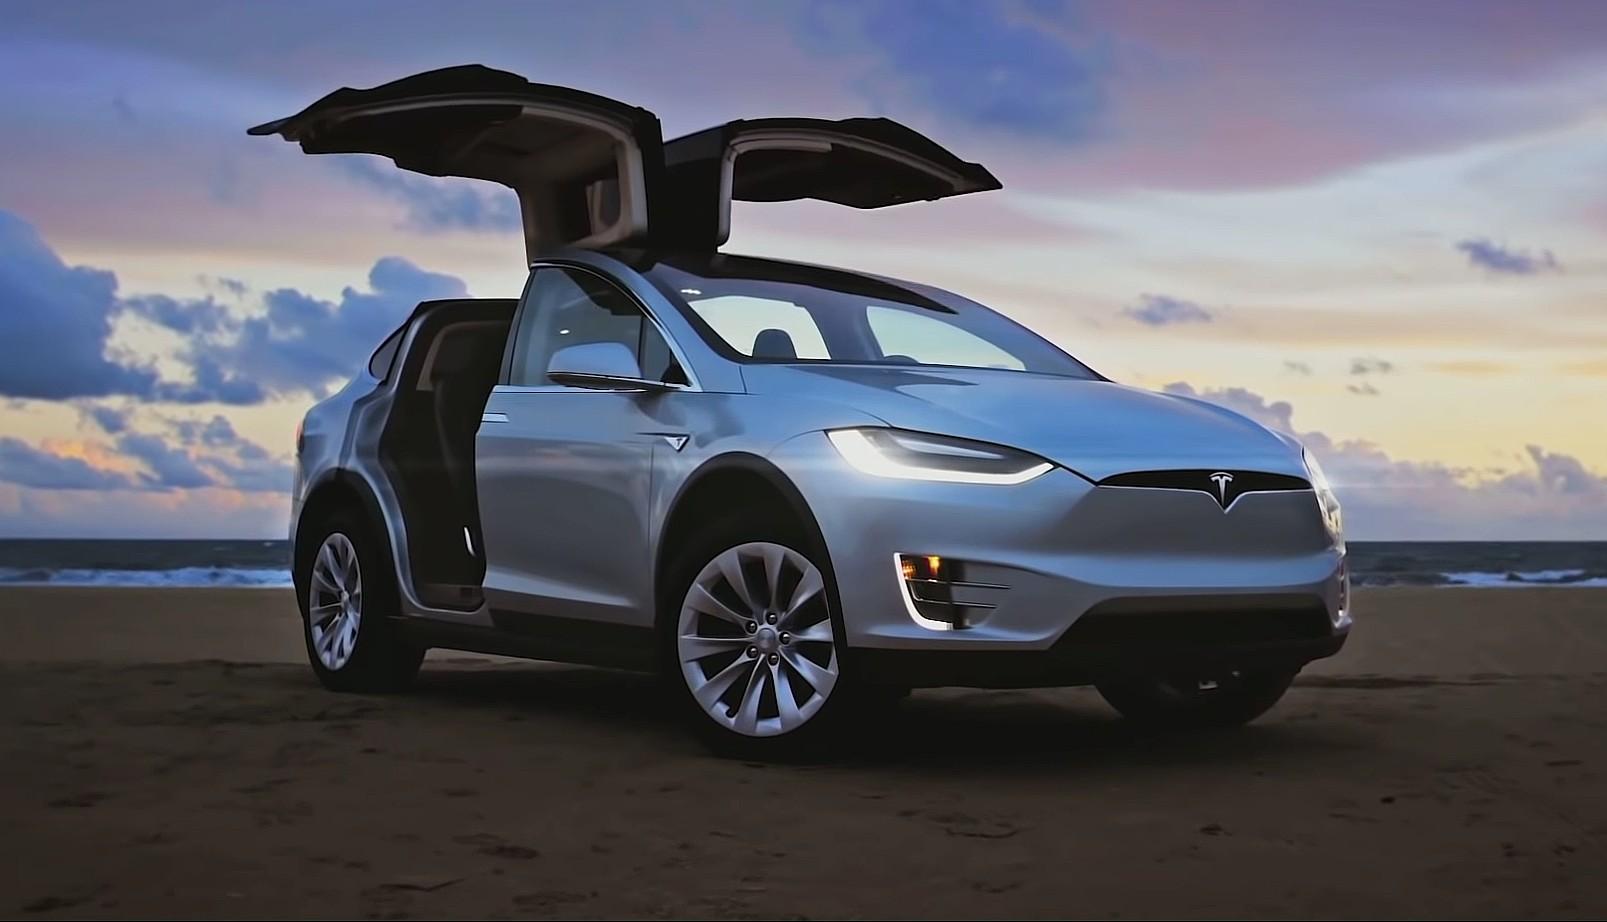 По словам Goldman Sachs, акции Tesla (TSLA) выросли на 9% в связи с возвращением технологий.